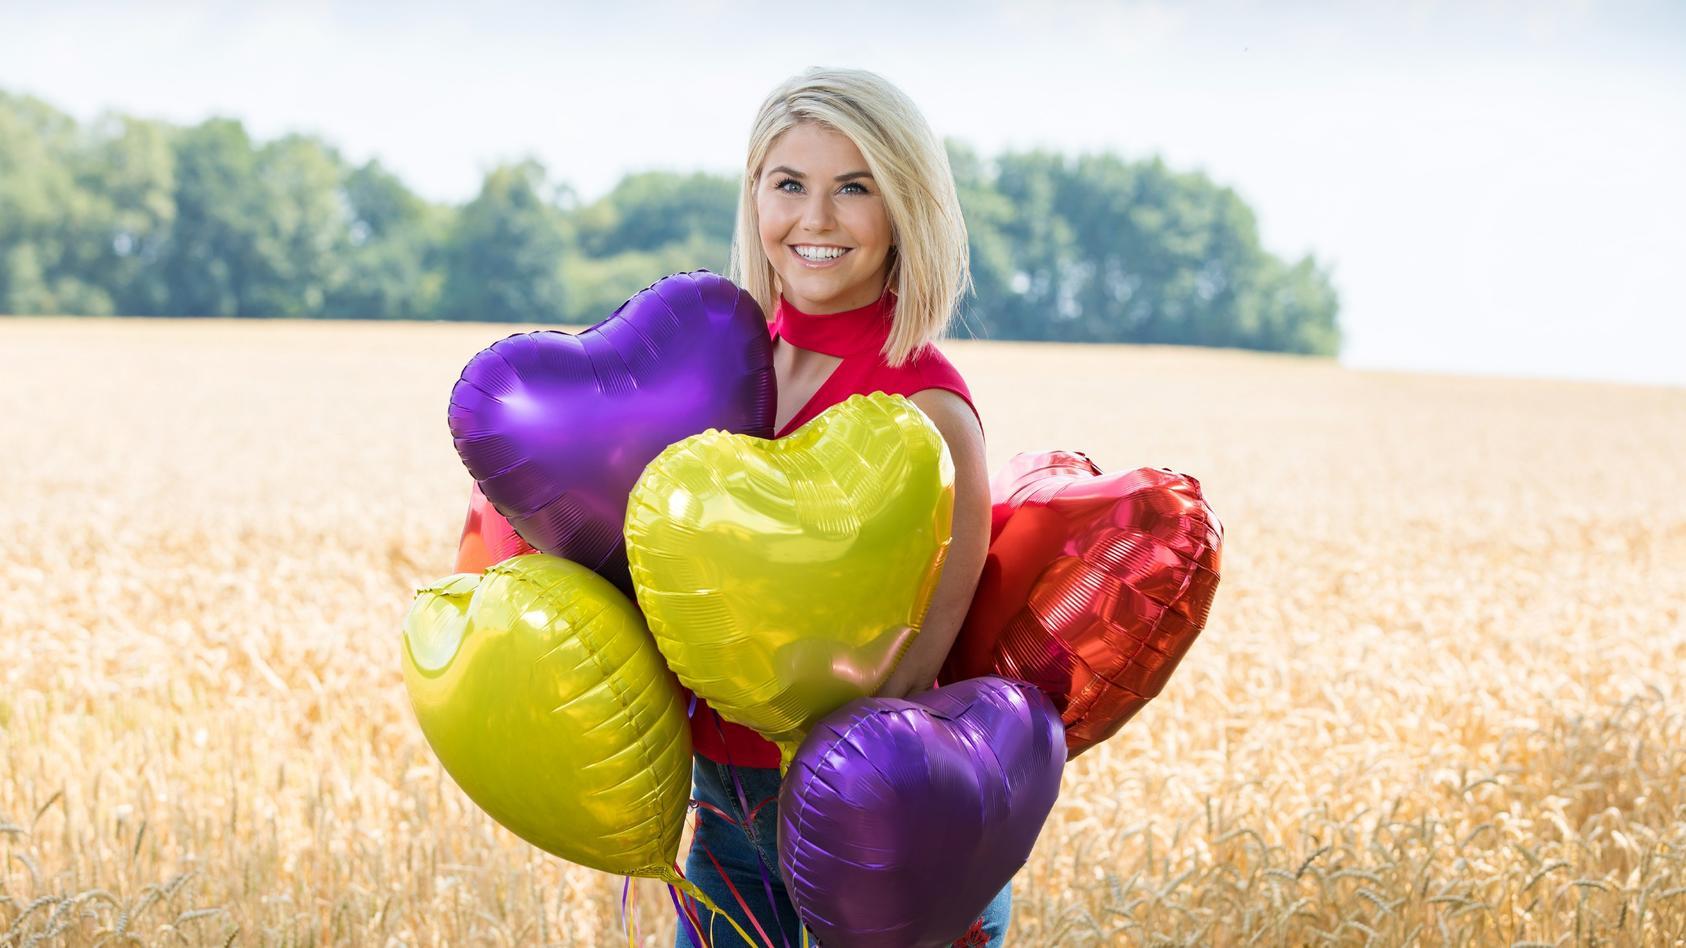 """Bei """"Schlager sucht Liebe""""  suchen Sänger und Sängerinnen die Liebe ihres Lebens. Moderiert wird die neue Sendung von DSDS-Gewinnerin und Schlager-Star Beatrice Egli."""